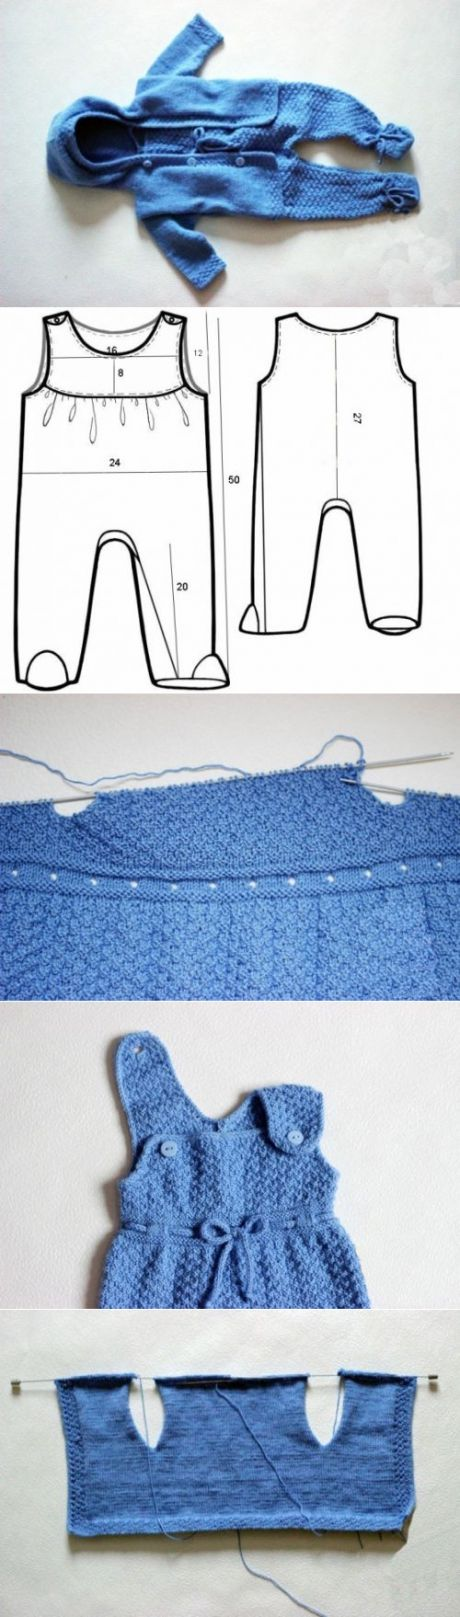 Вязаные костюмы для новорожденных: вязание спицами и крючком + схемы